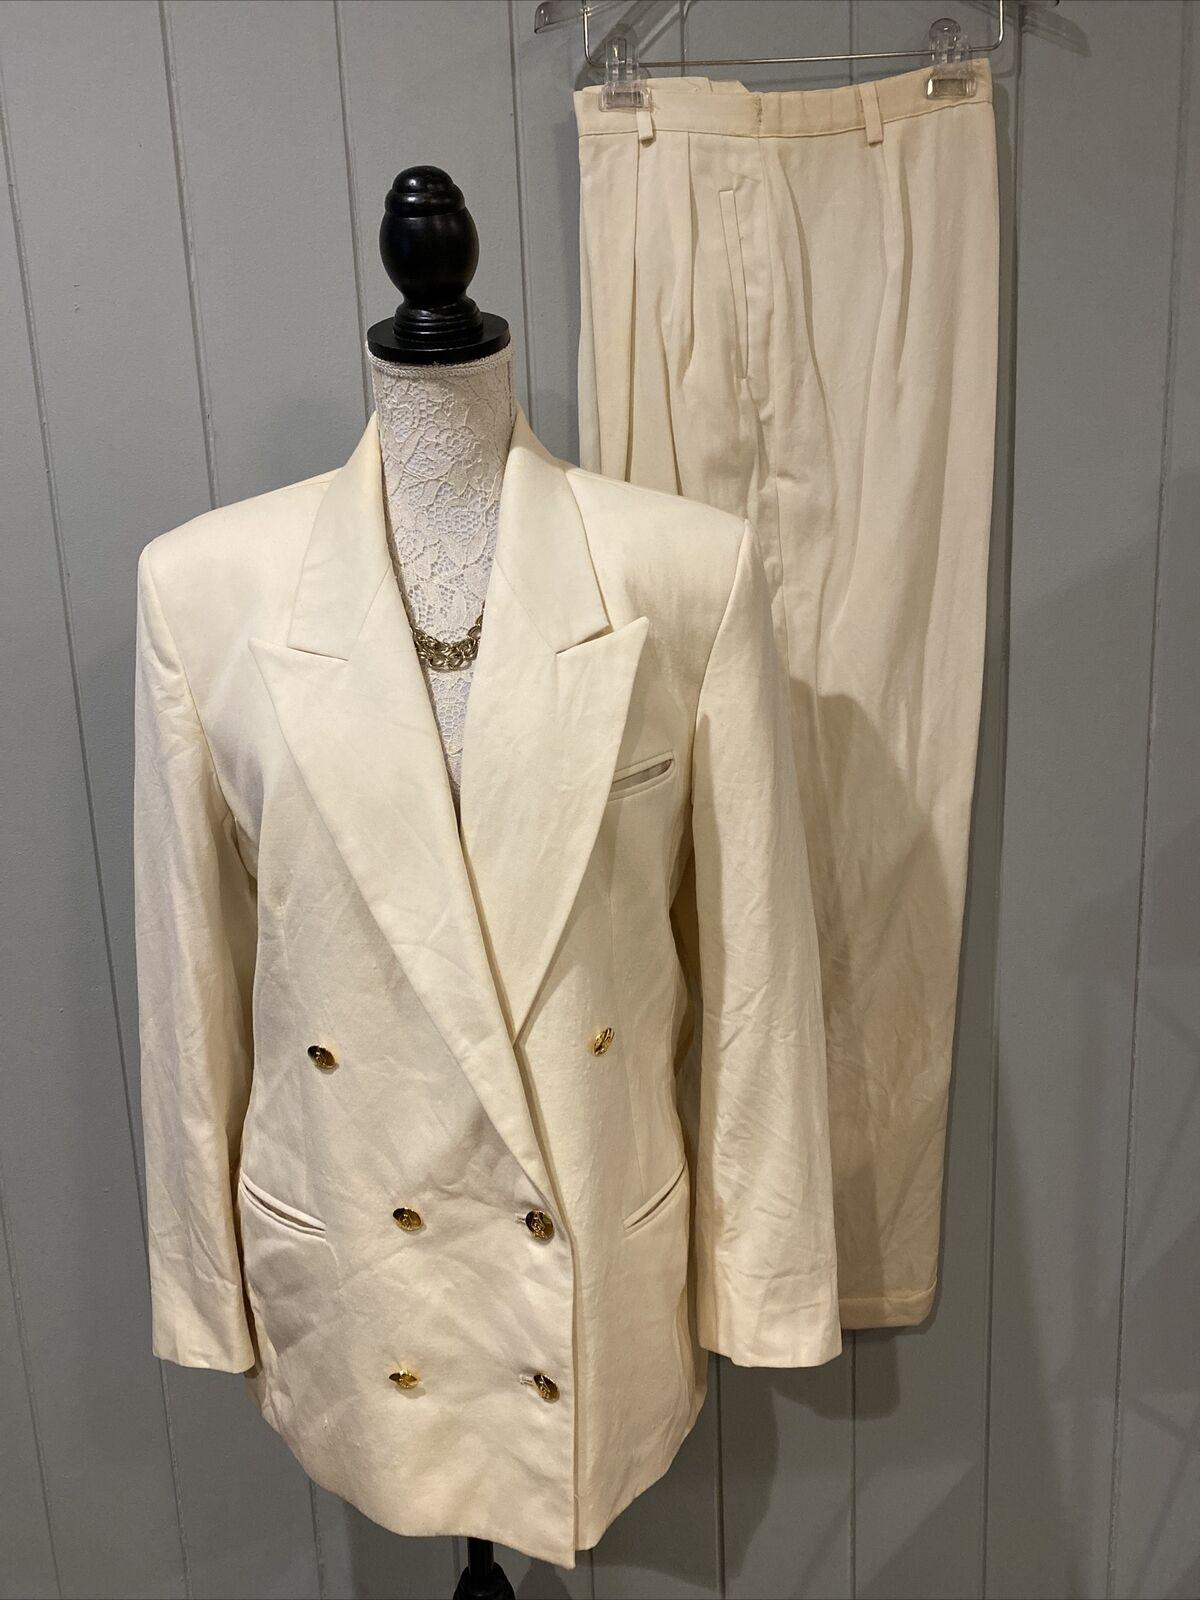 Kupit Austin Reed Womens Ivory Wool Suit Blazer Jacket Na Aukcion Iz Ameriki S Dostavkoj V Rossiyu Ukrainu Kazahstan